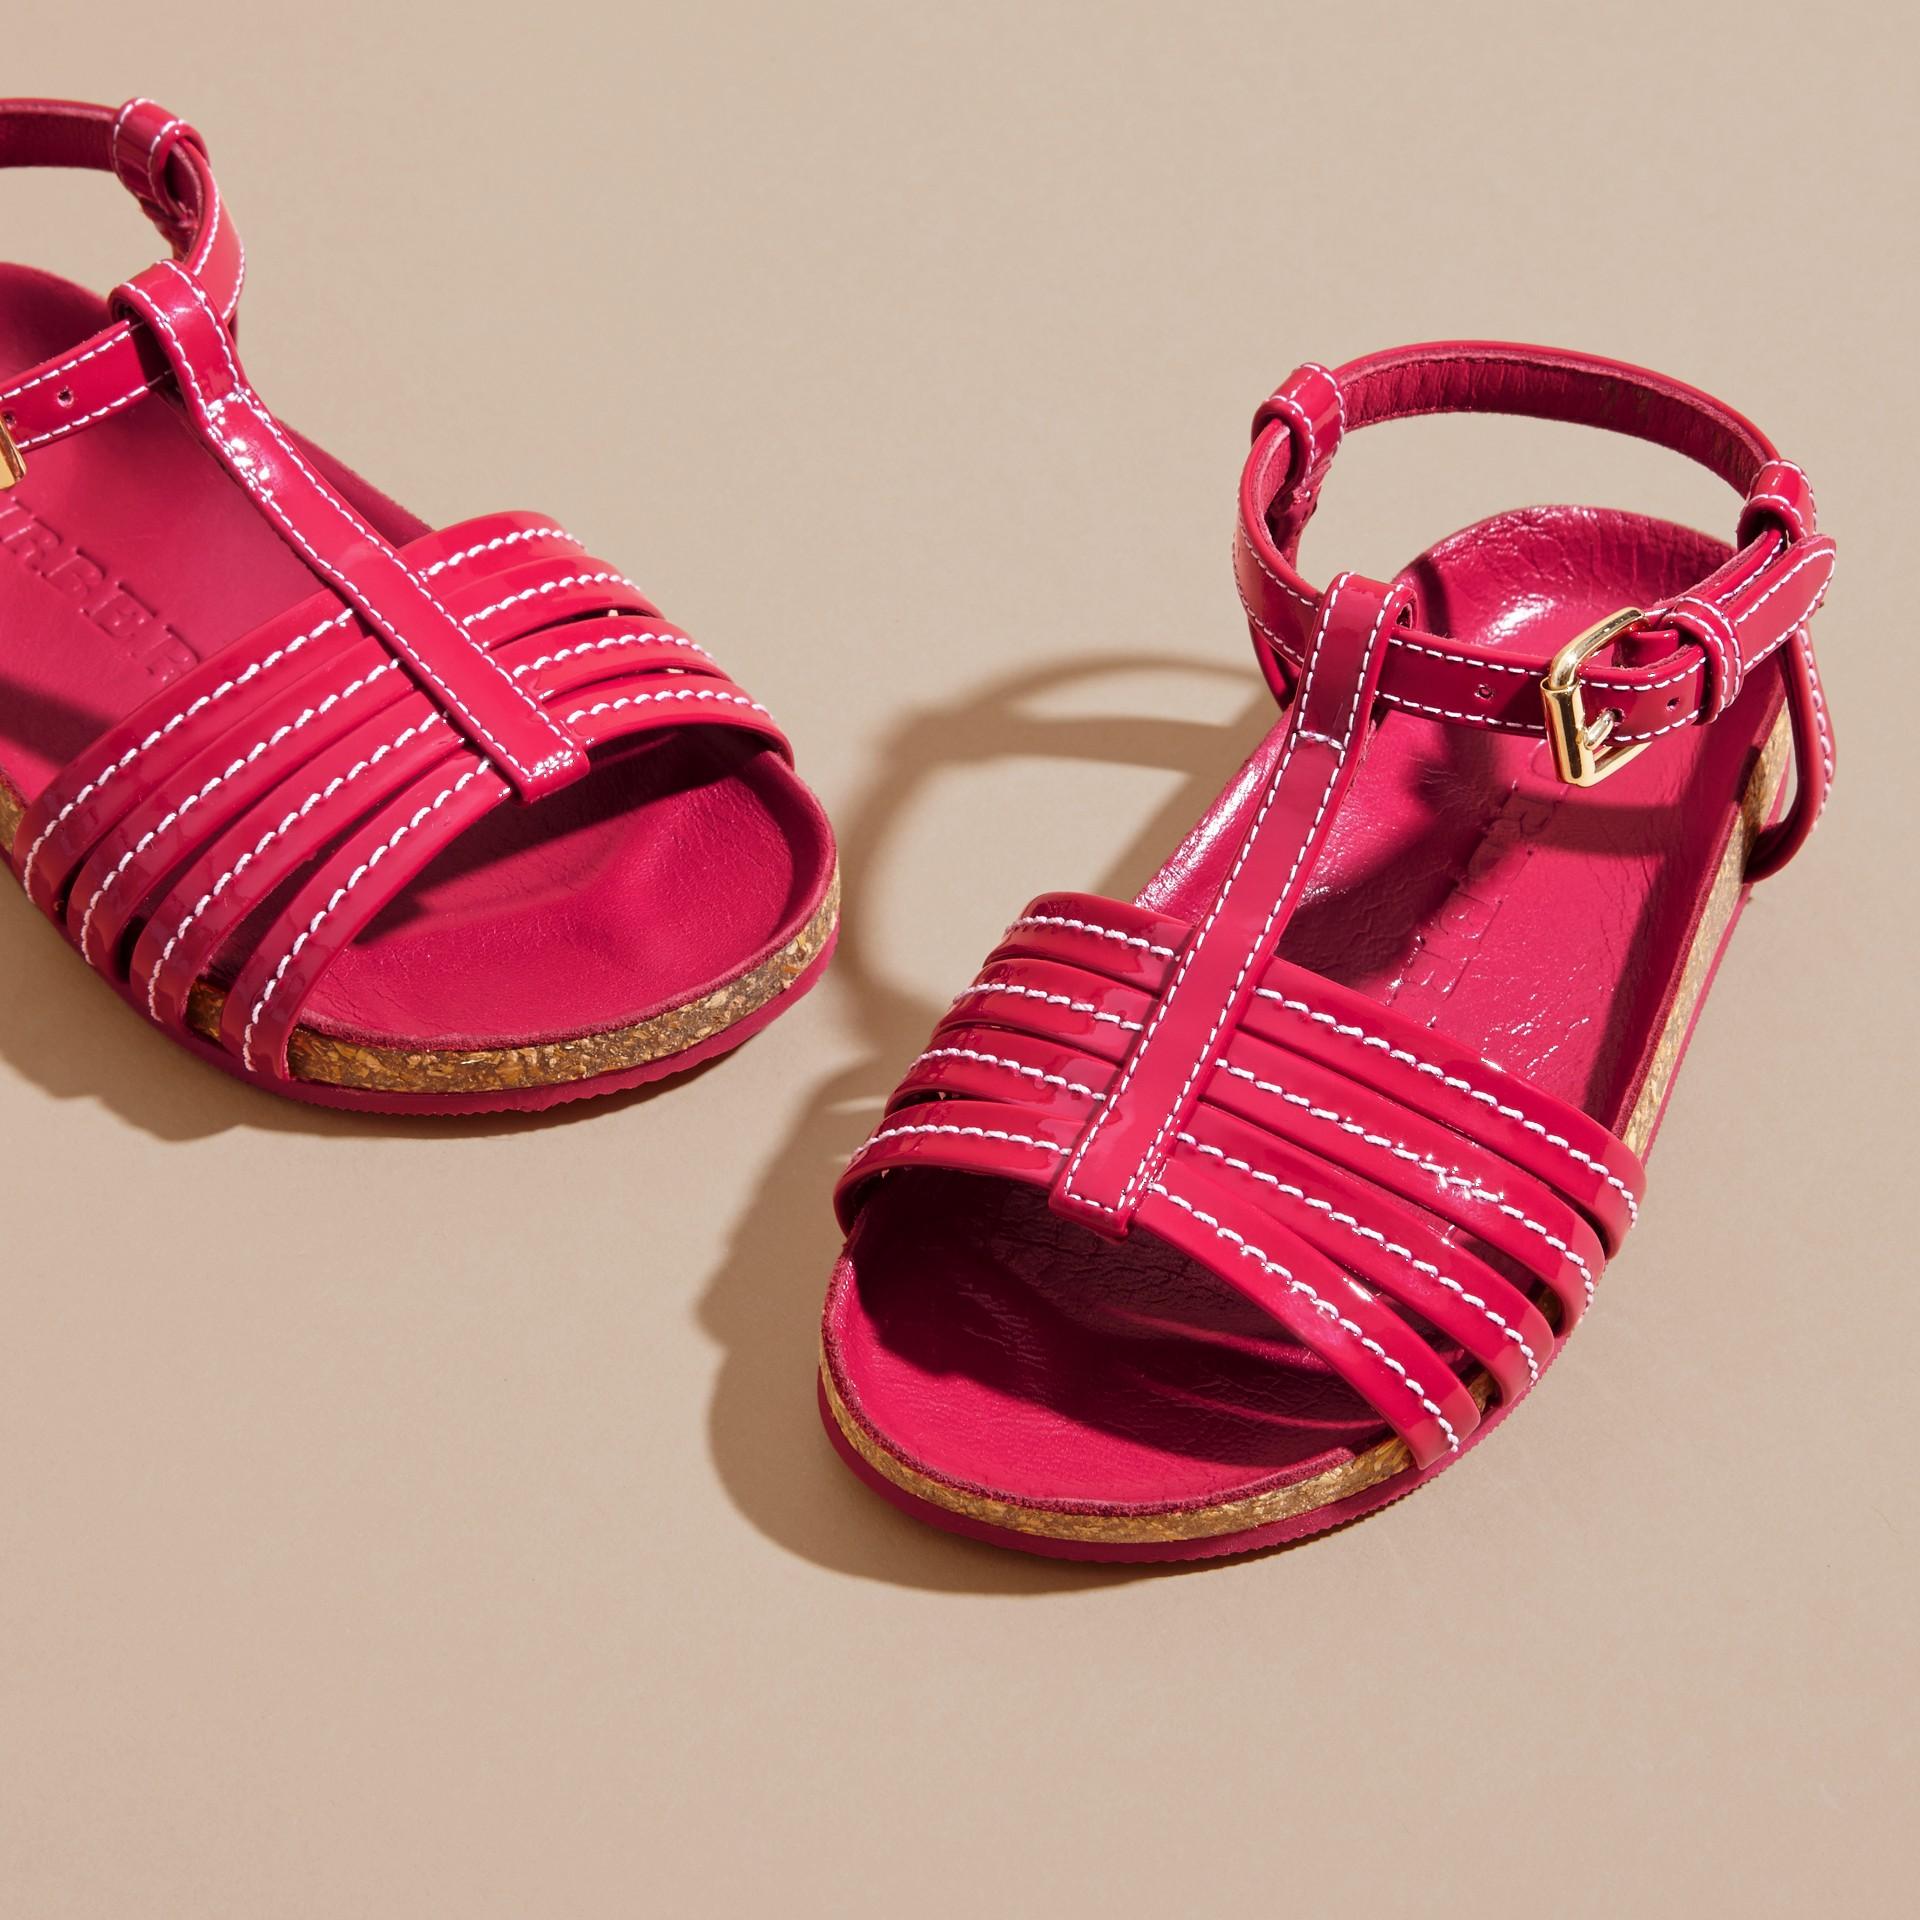 Sandales en cuir verni avec plateforme en liège | Burberry - photo de la galerie 3